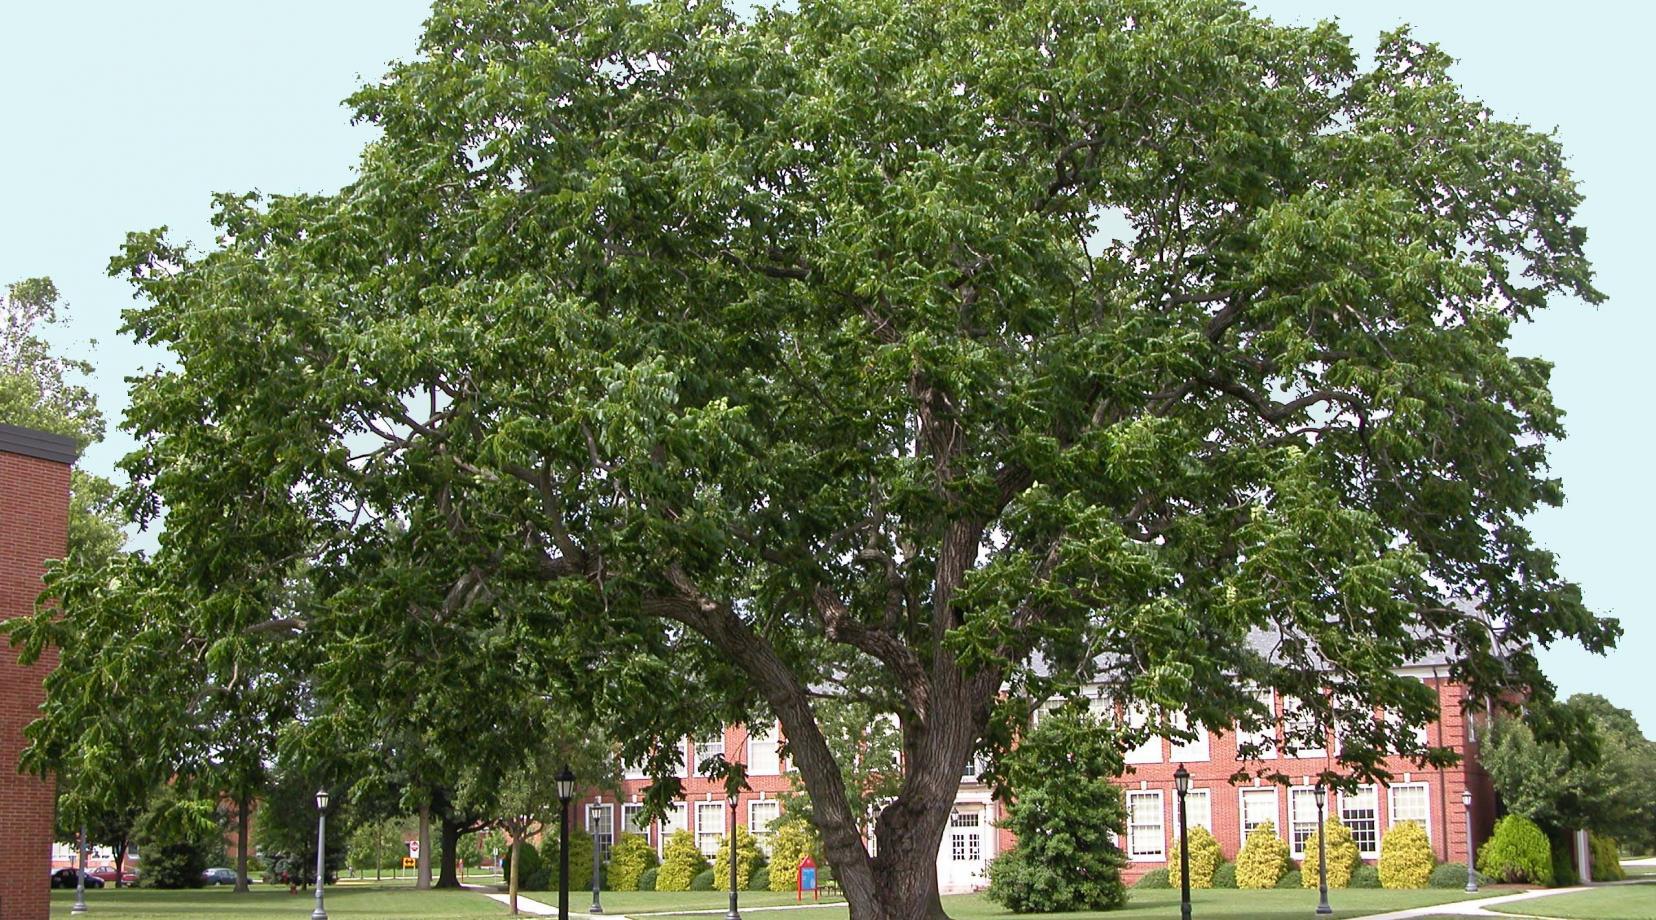 Juglans nigra: Black Walnut